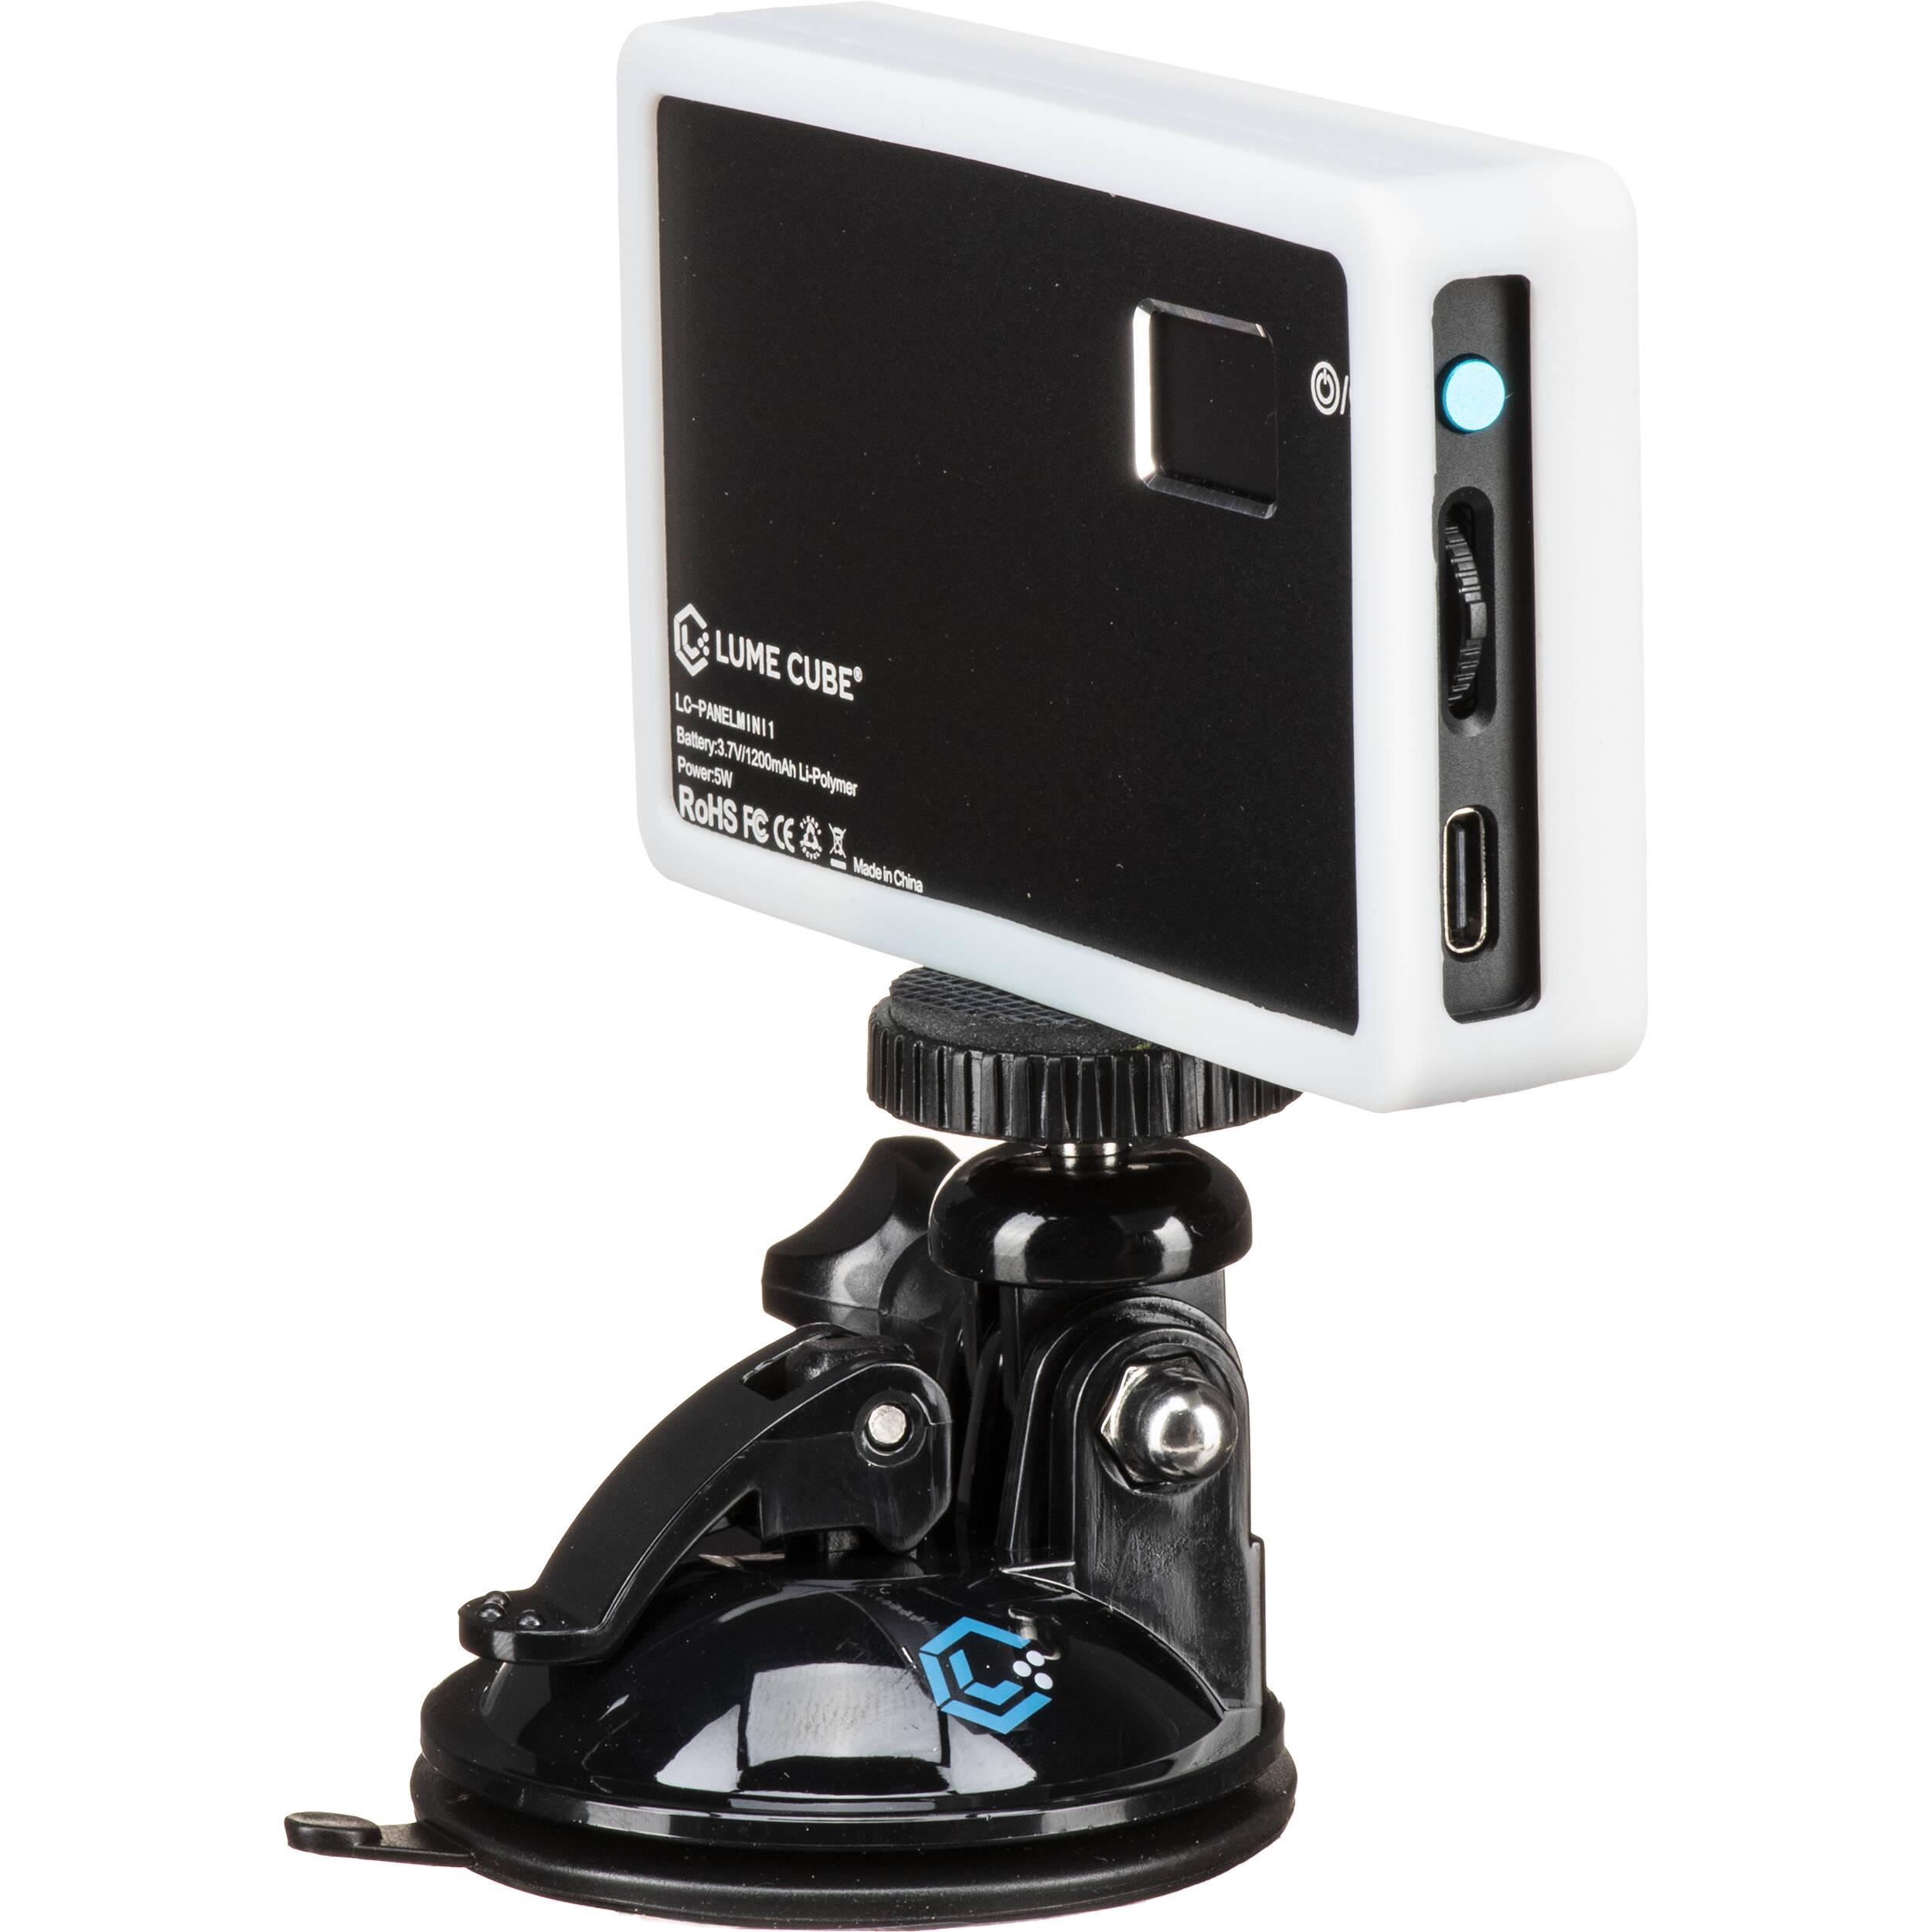 lume cube webcam light kit